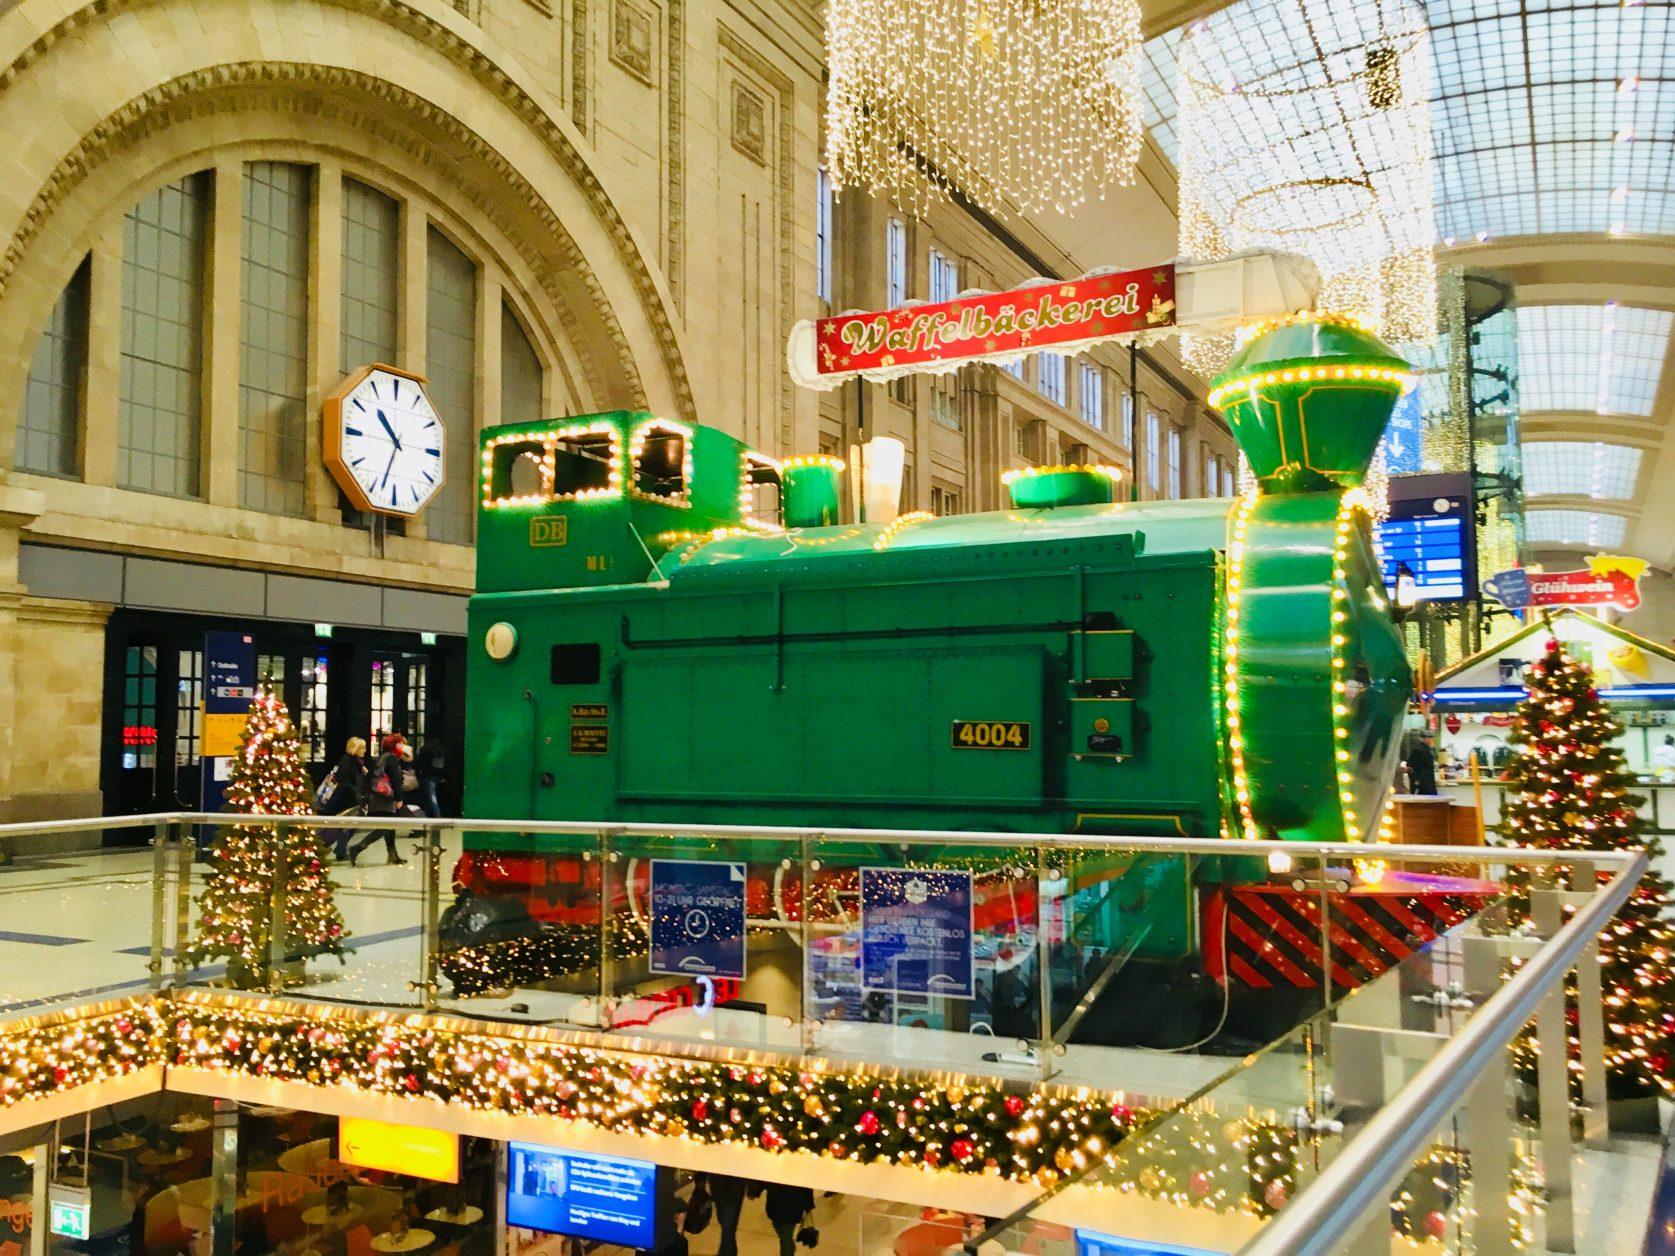 Weihnachten auf dem Hauptbahnhof Leipzig, Foto: Weirauch